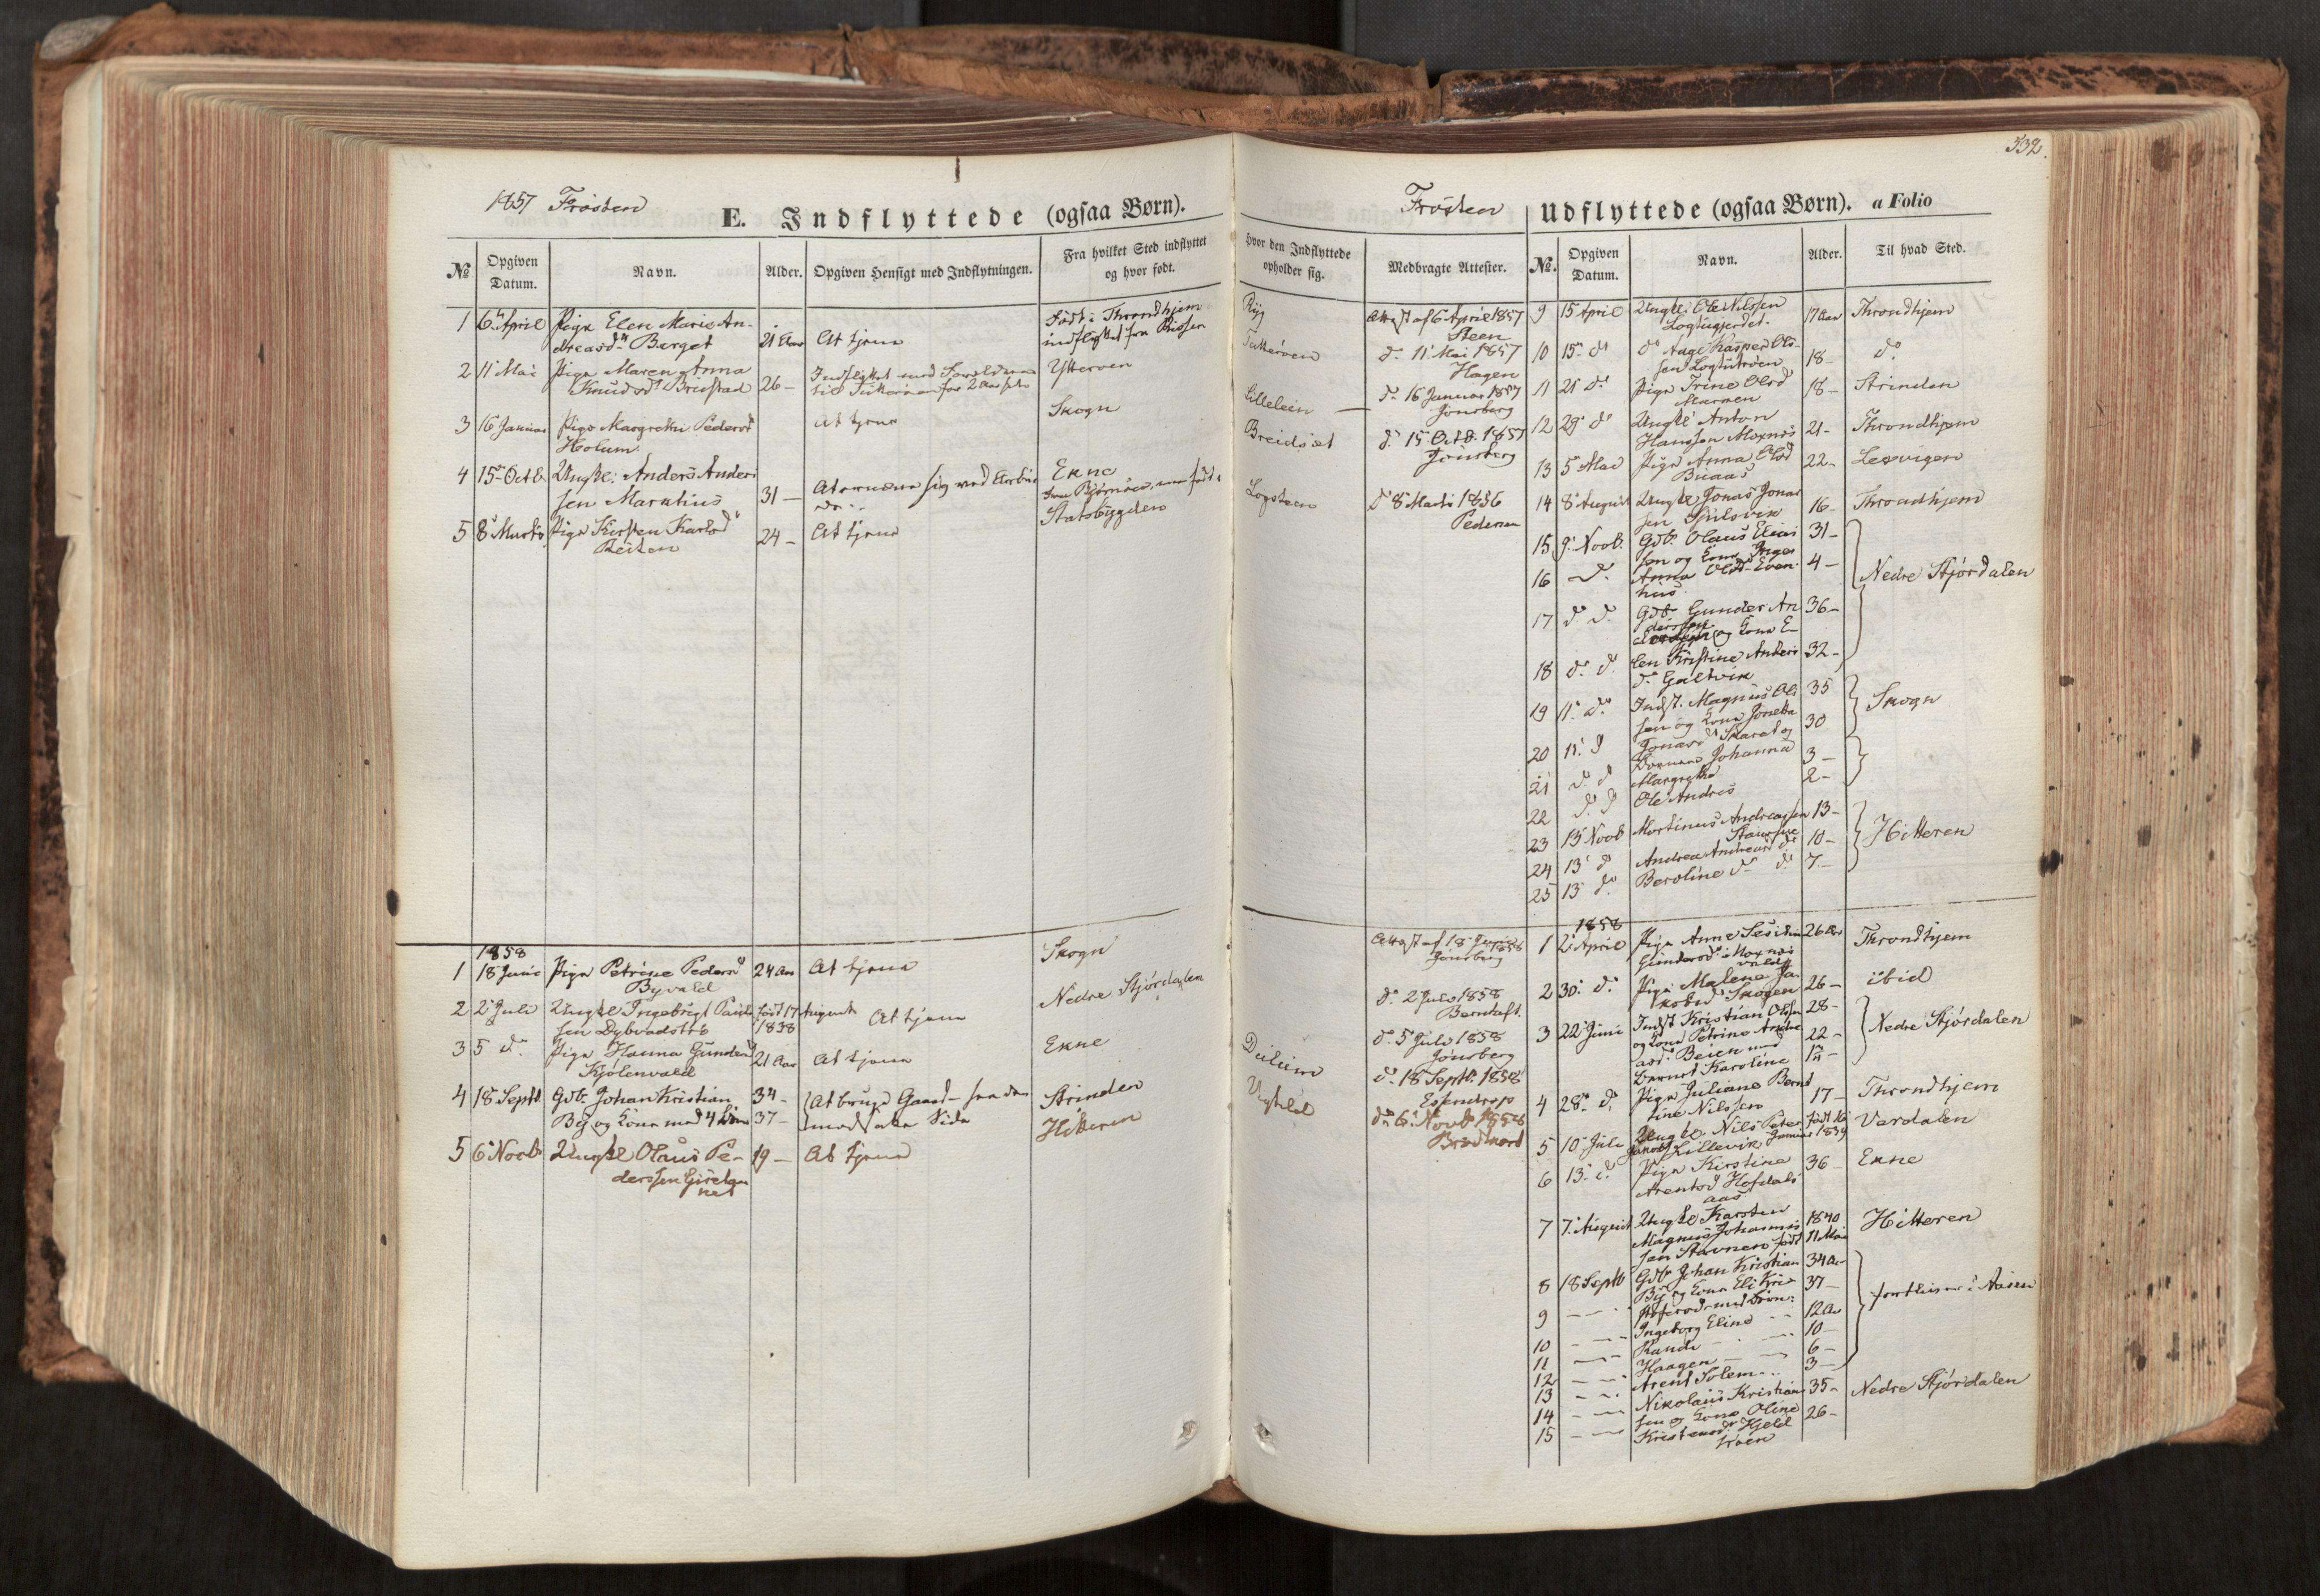 SAT, Ministerialprotokoller, klokkerbøker og fødselsregistre - Nord-Trøndelag, 713/L0116: Ministerialbok nr. 713A07, 1850-1877, s. 532